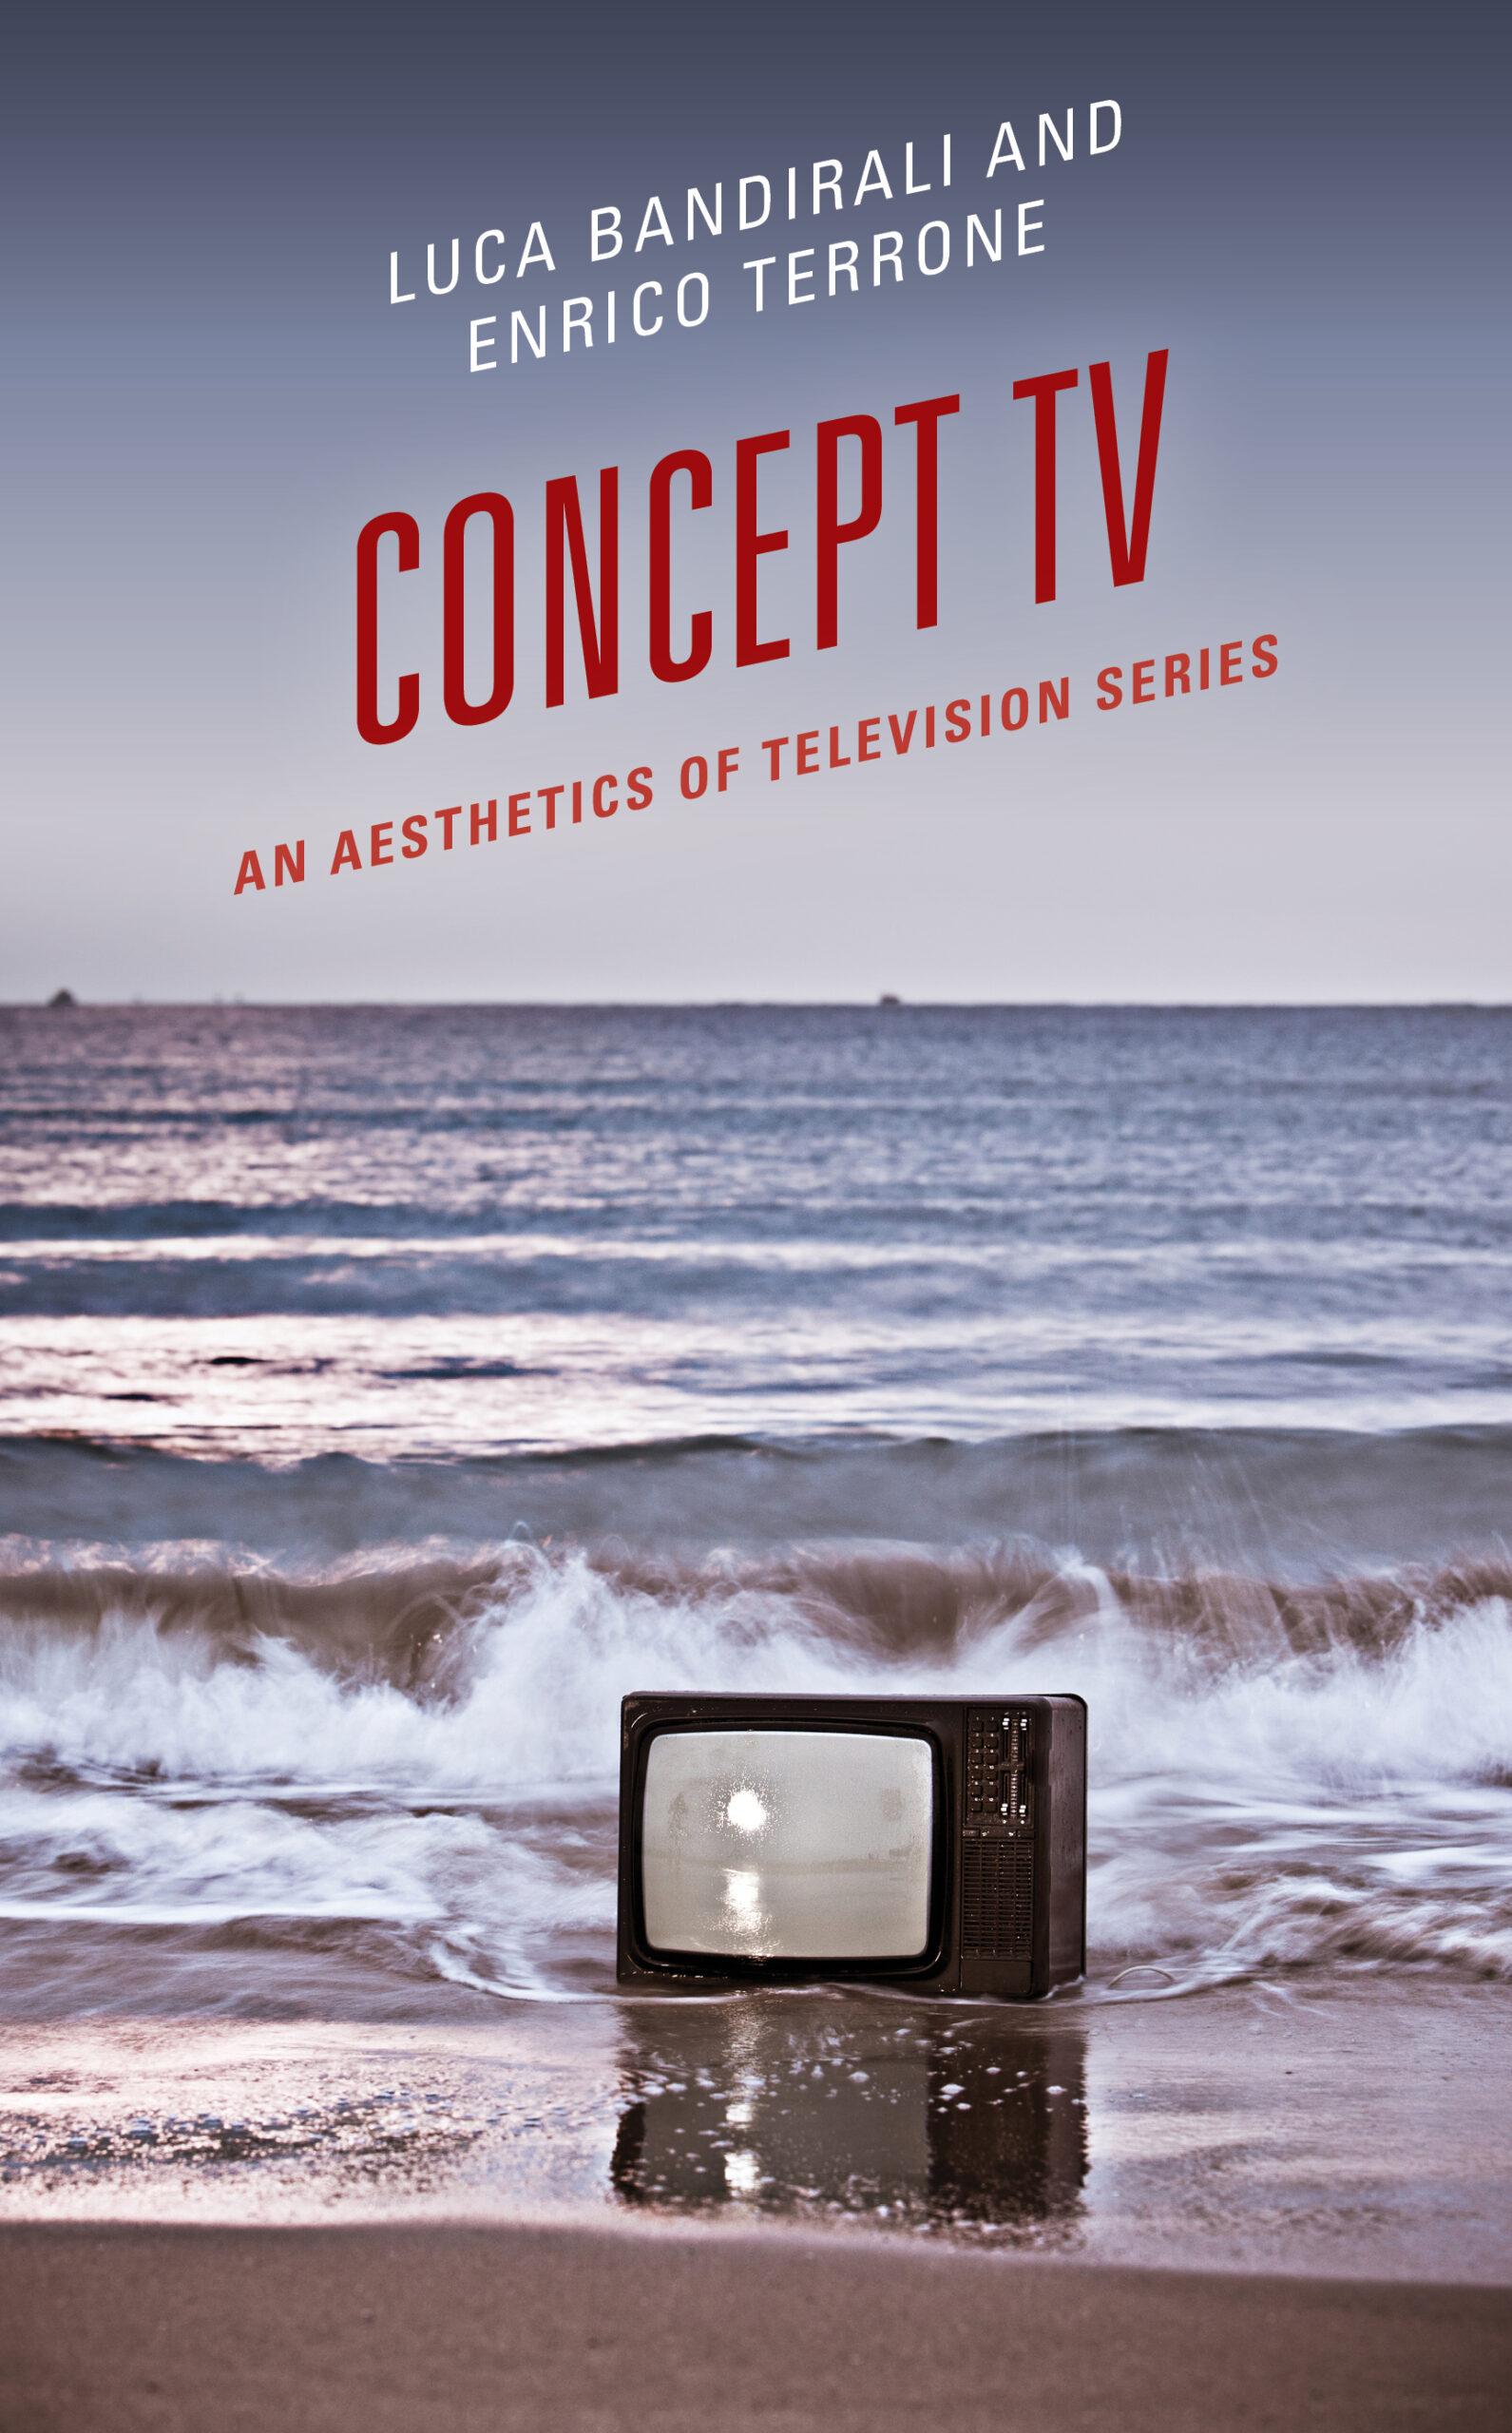 La serialità televisiva come arte concettuale